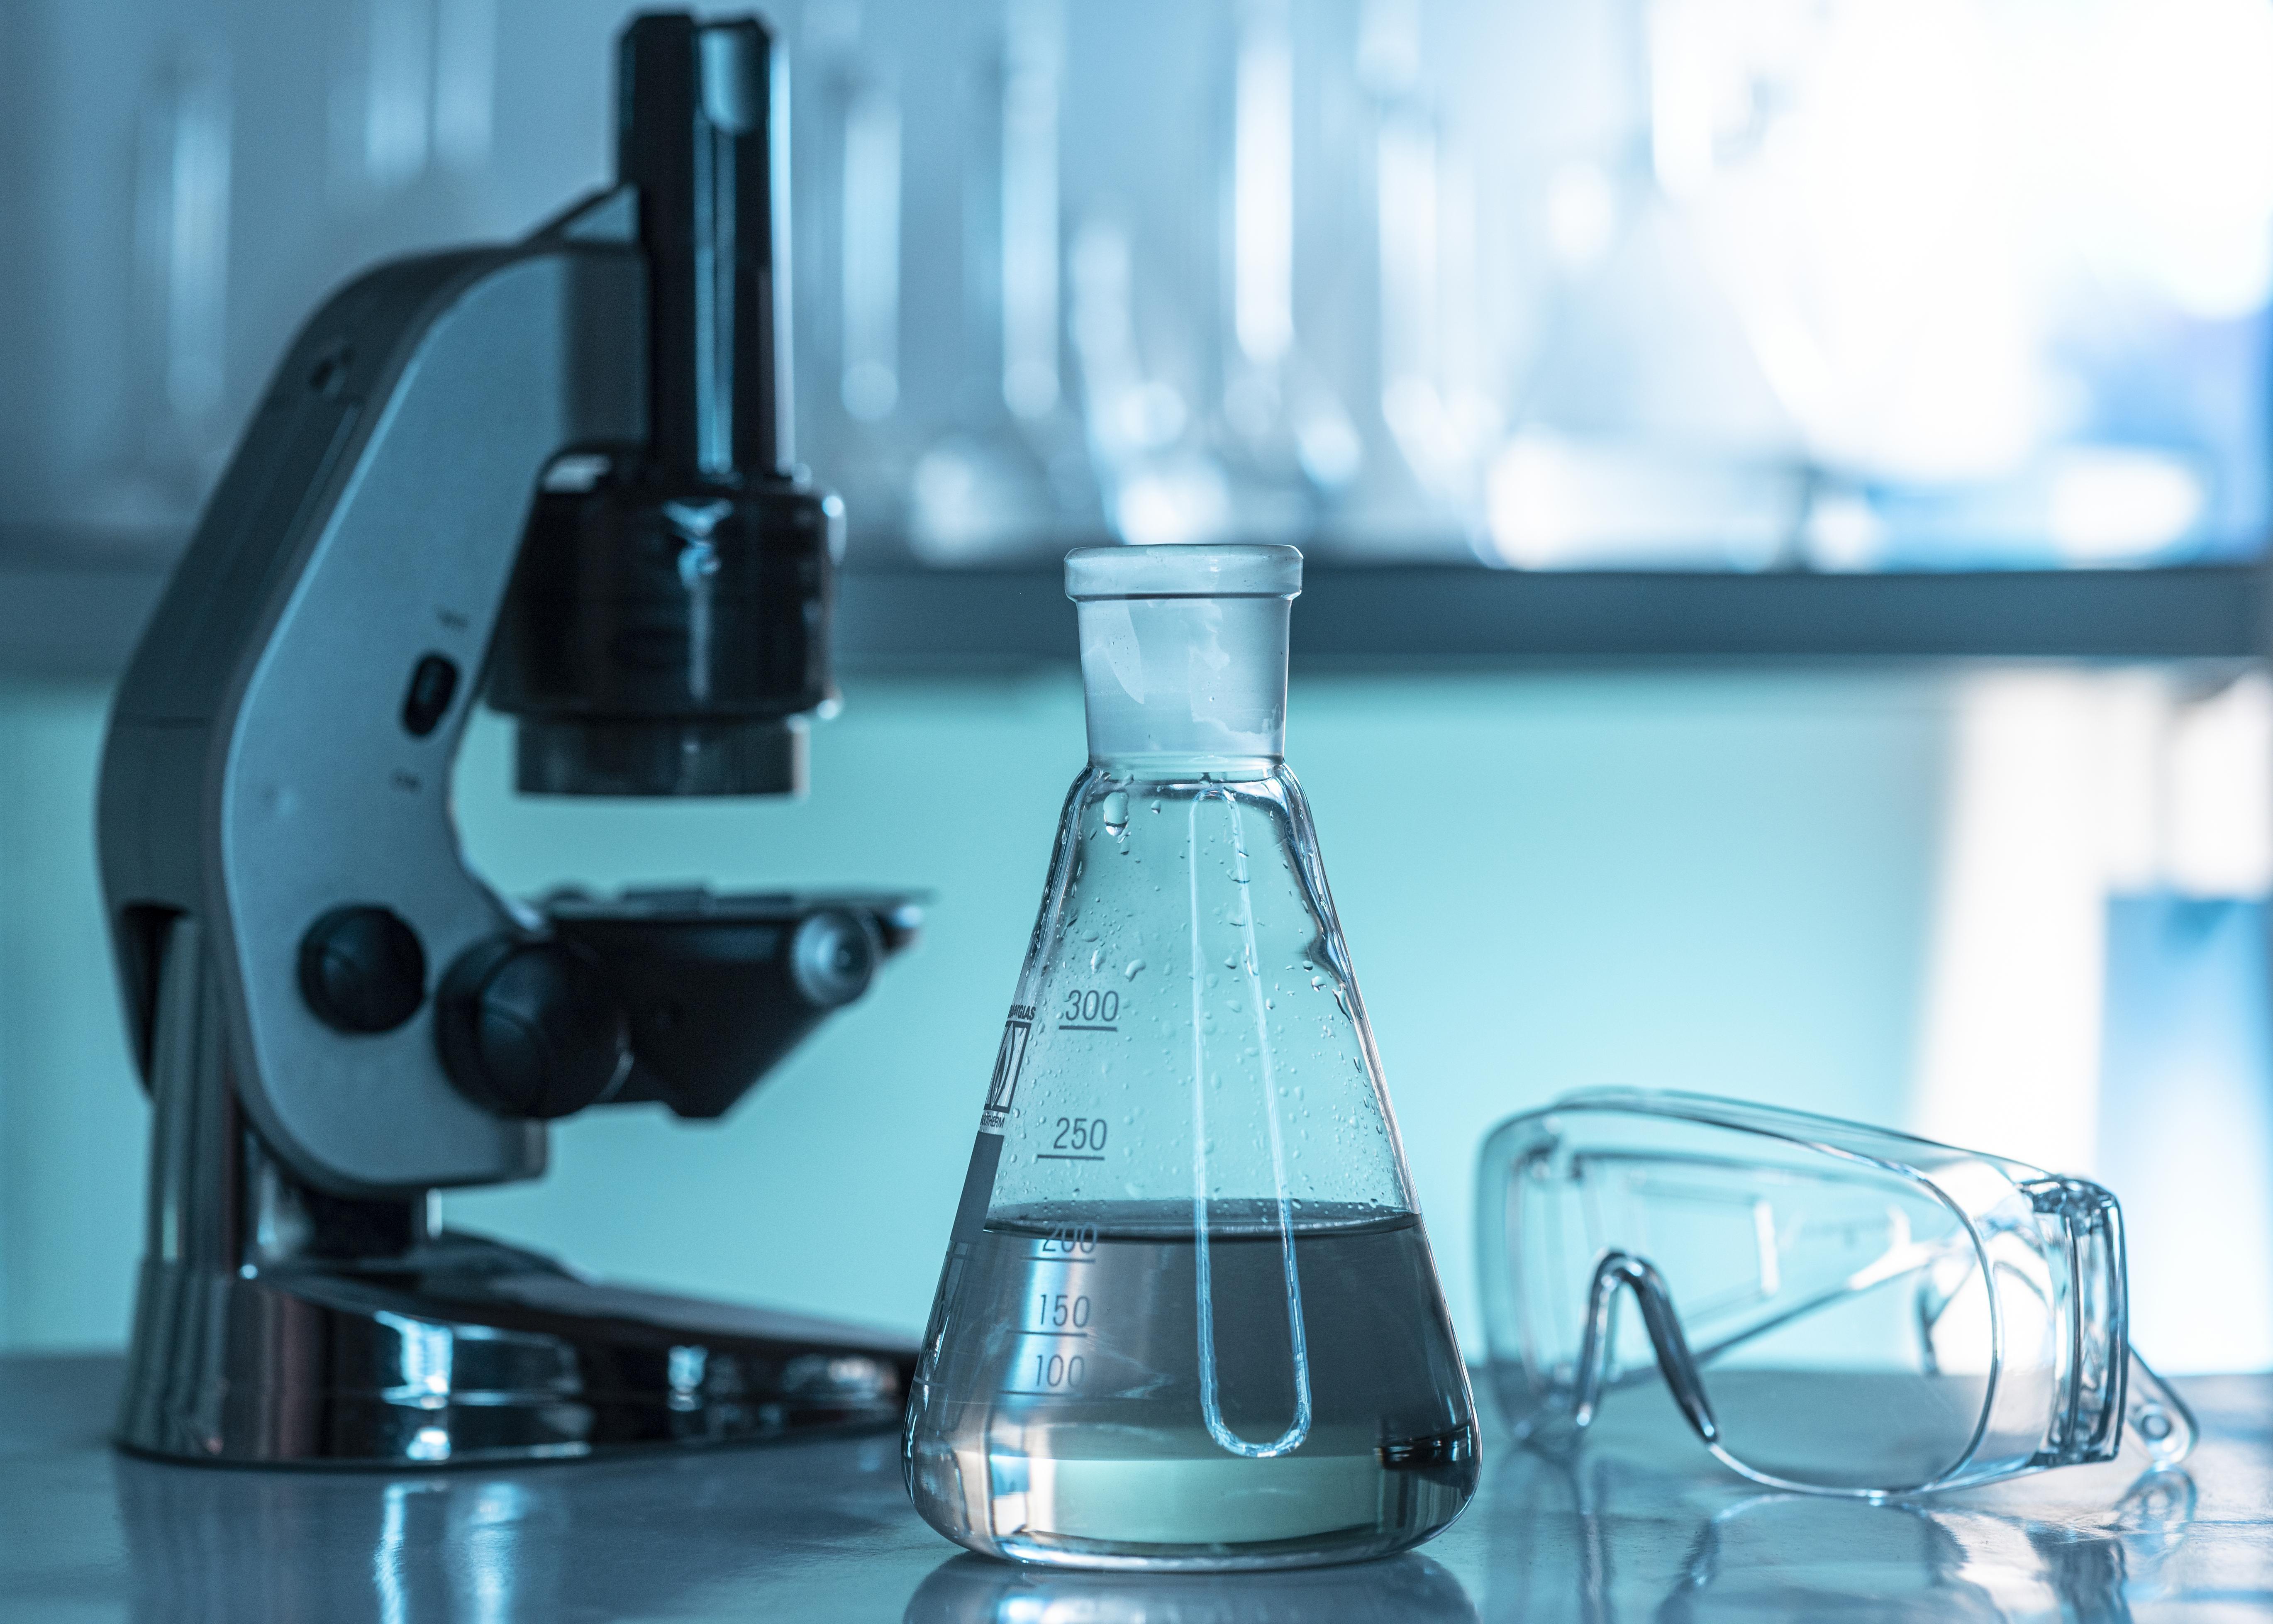 Biyosidal Ürün Analizleri ve Yetki Verilen Laboratuvarlar Hakkında Talimat Güncellendi